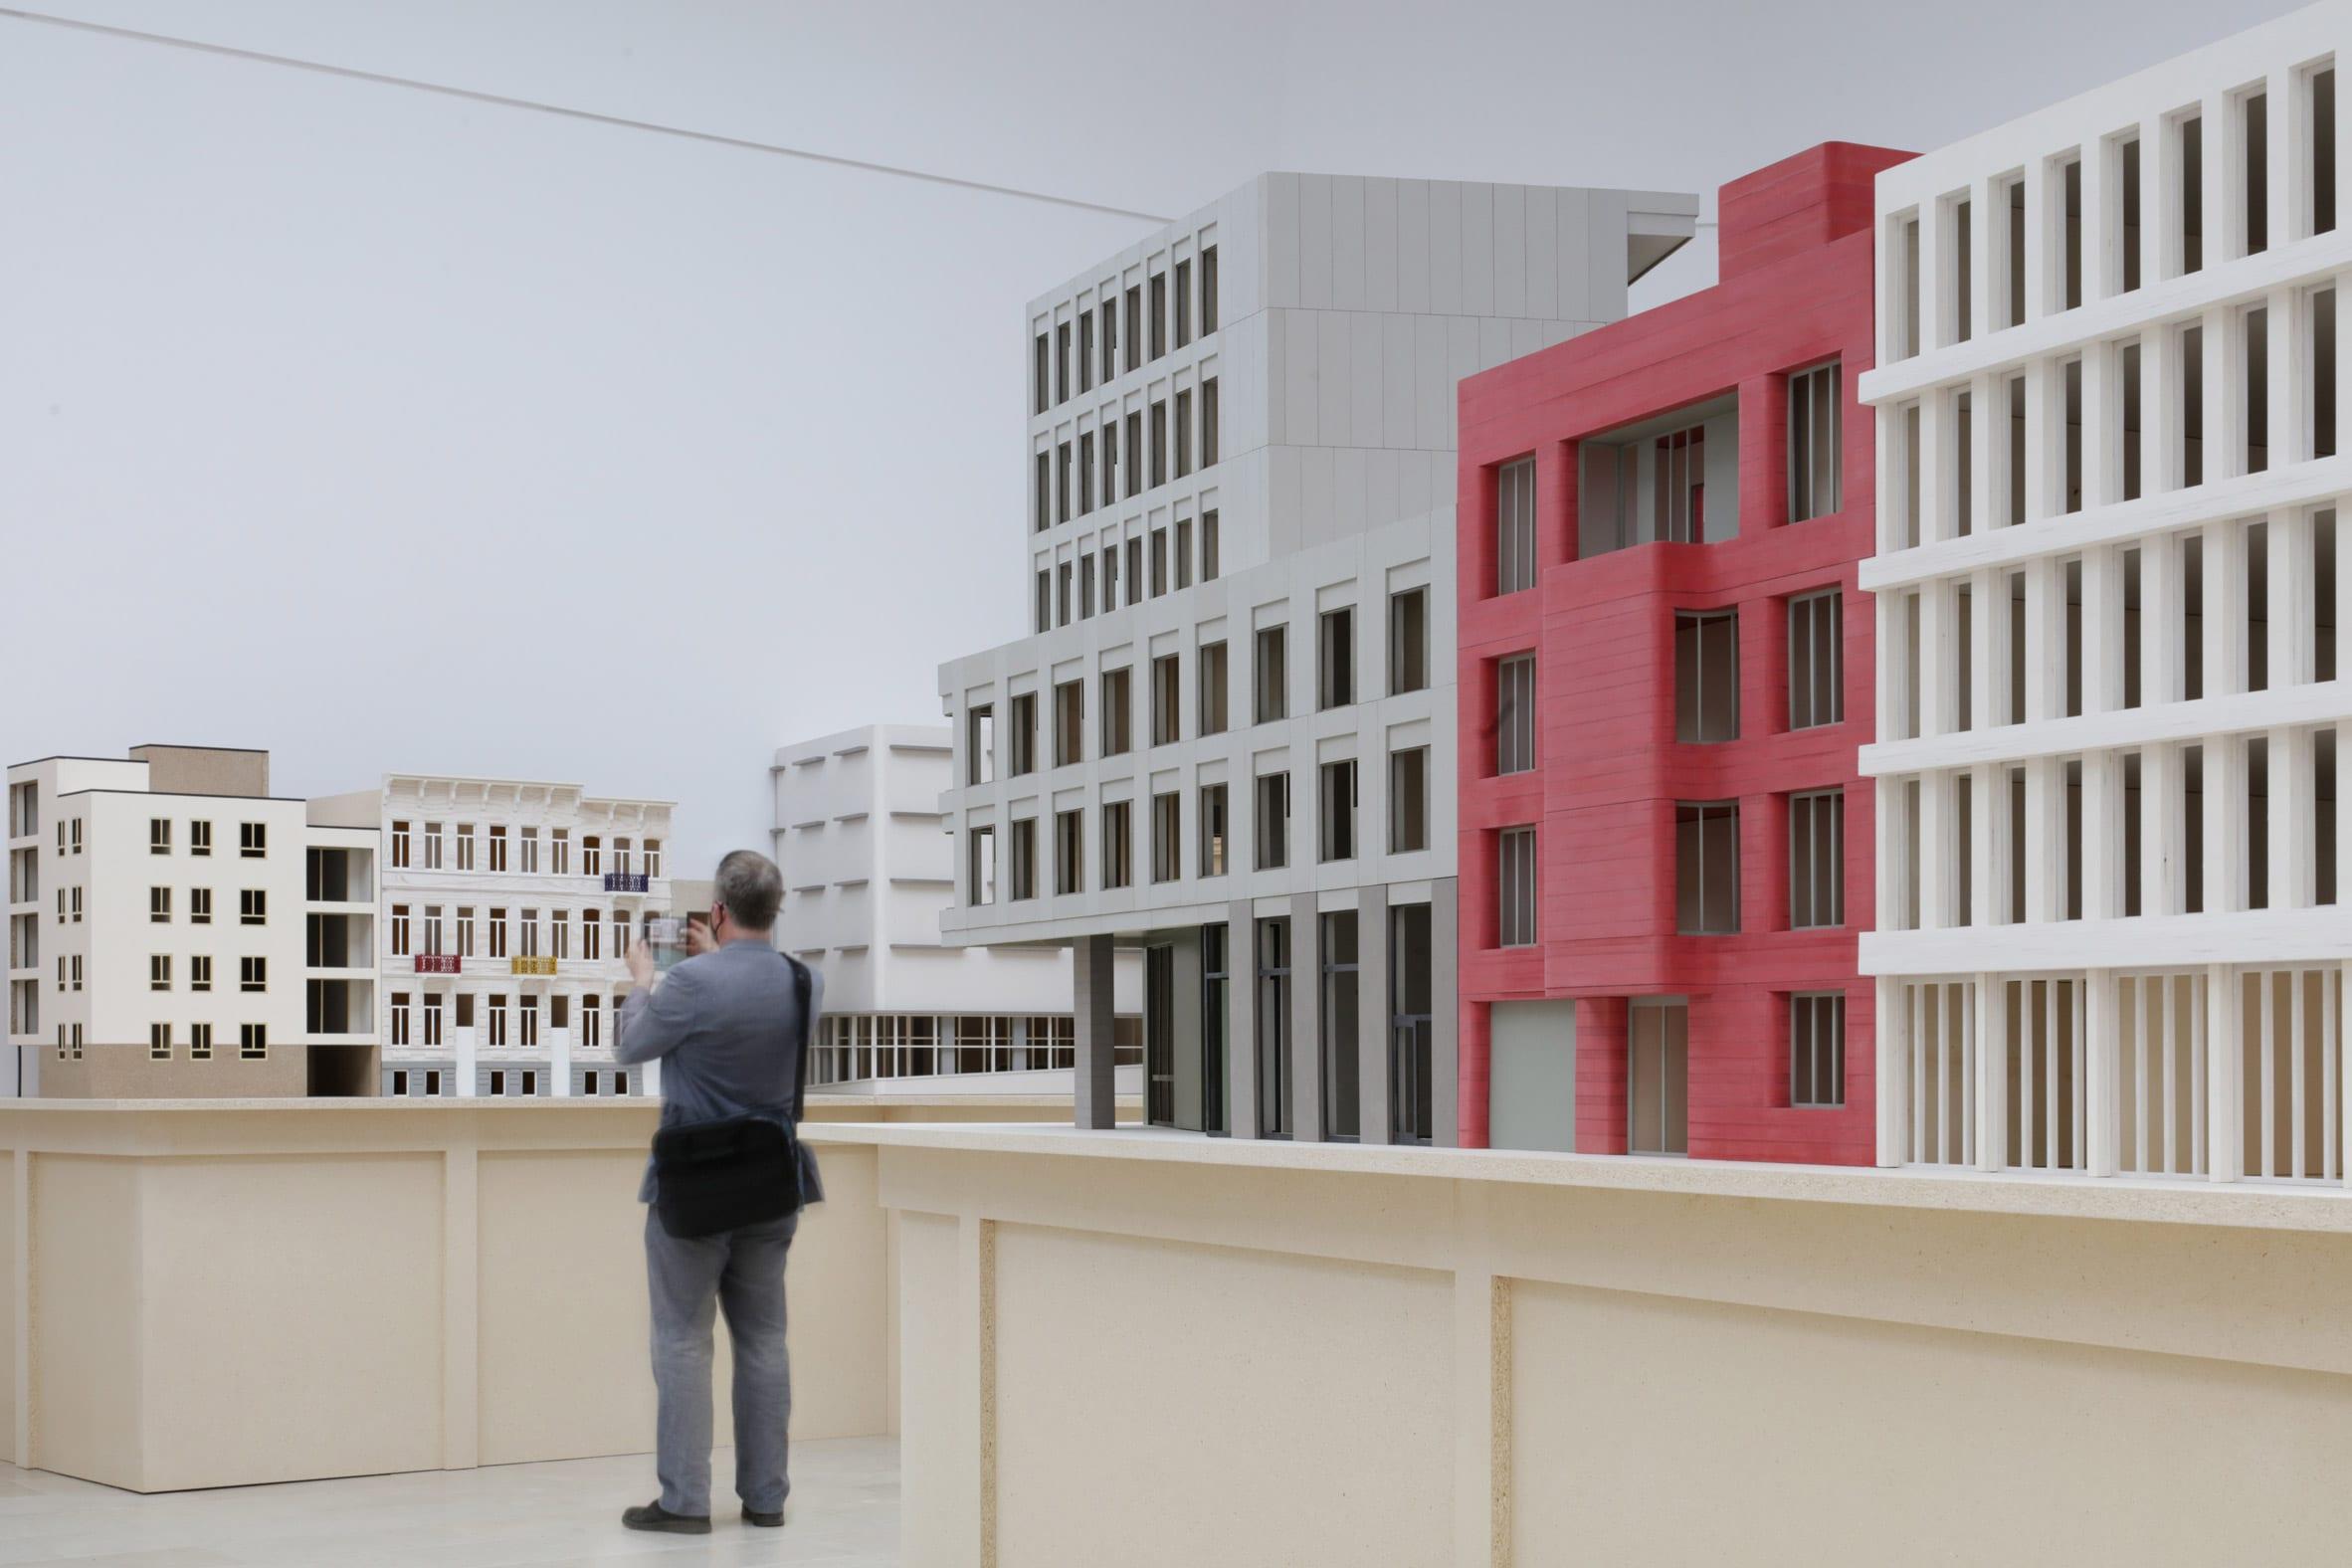 Instalación de la Bienal de Venecia de Bovenbouw Architectuur